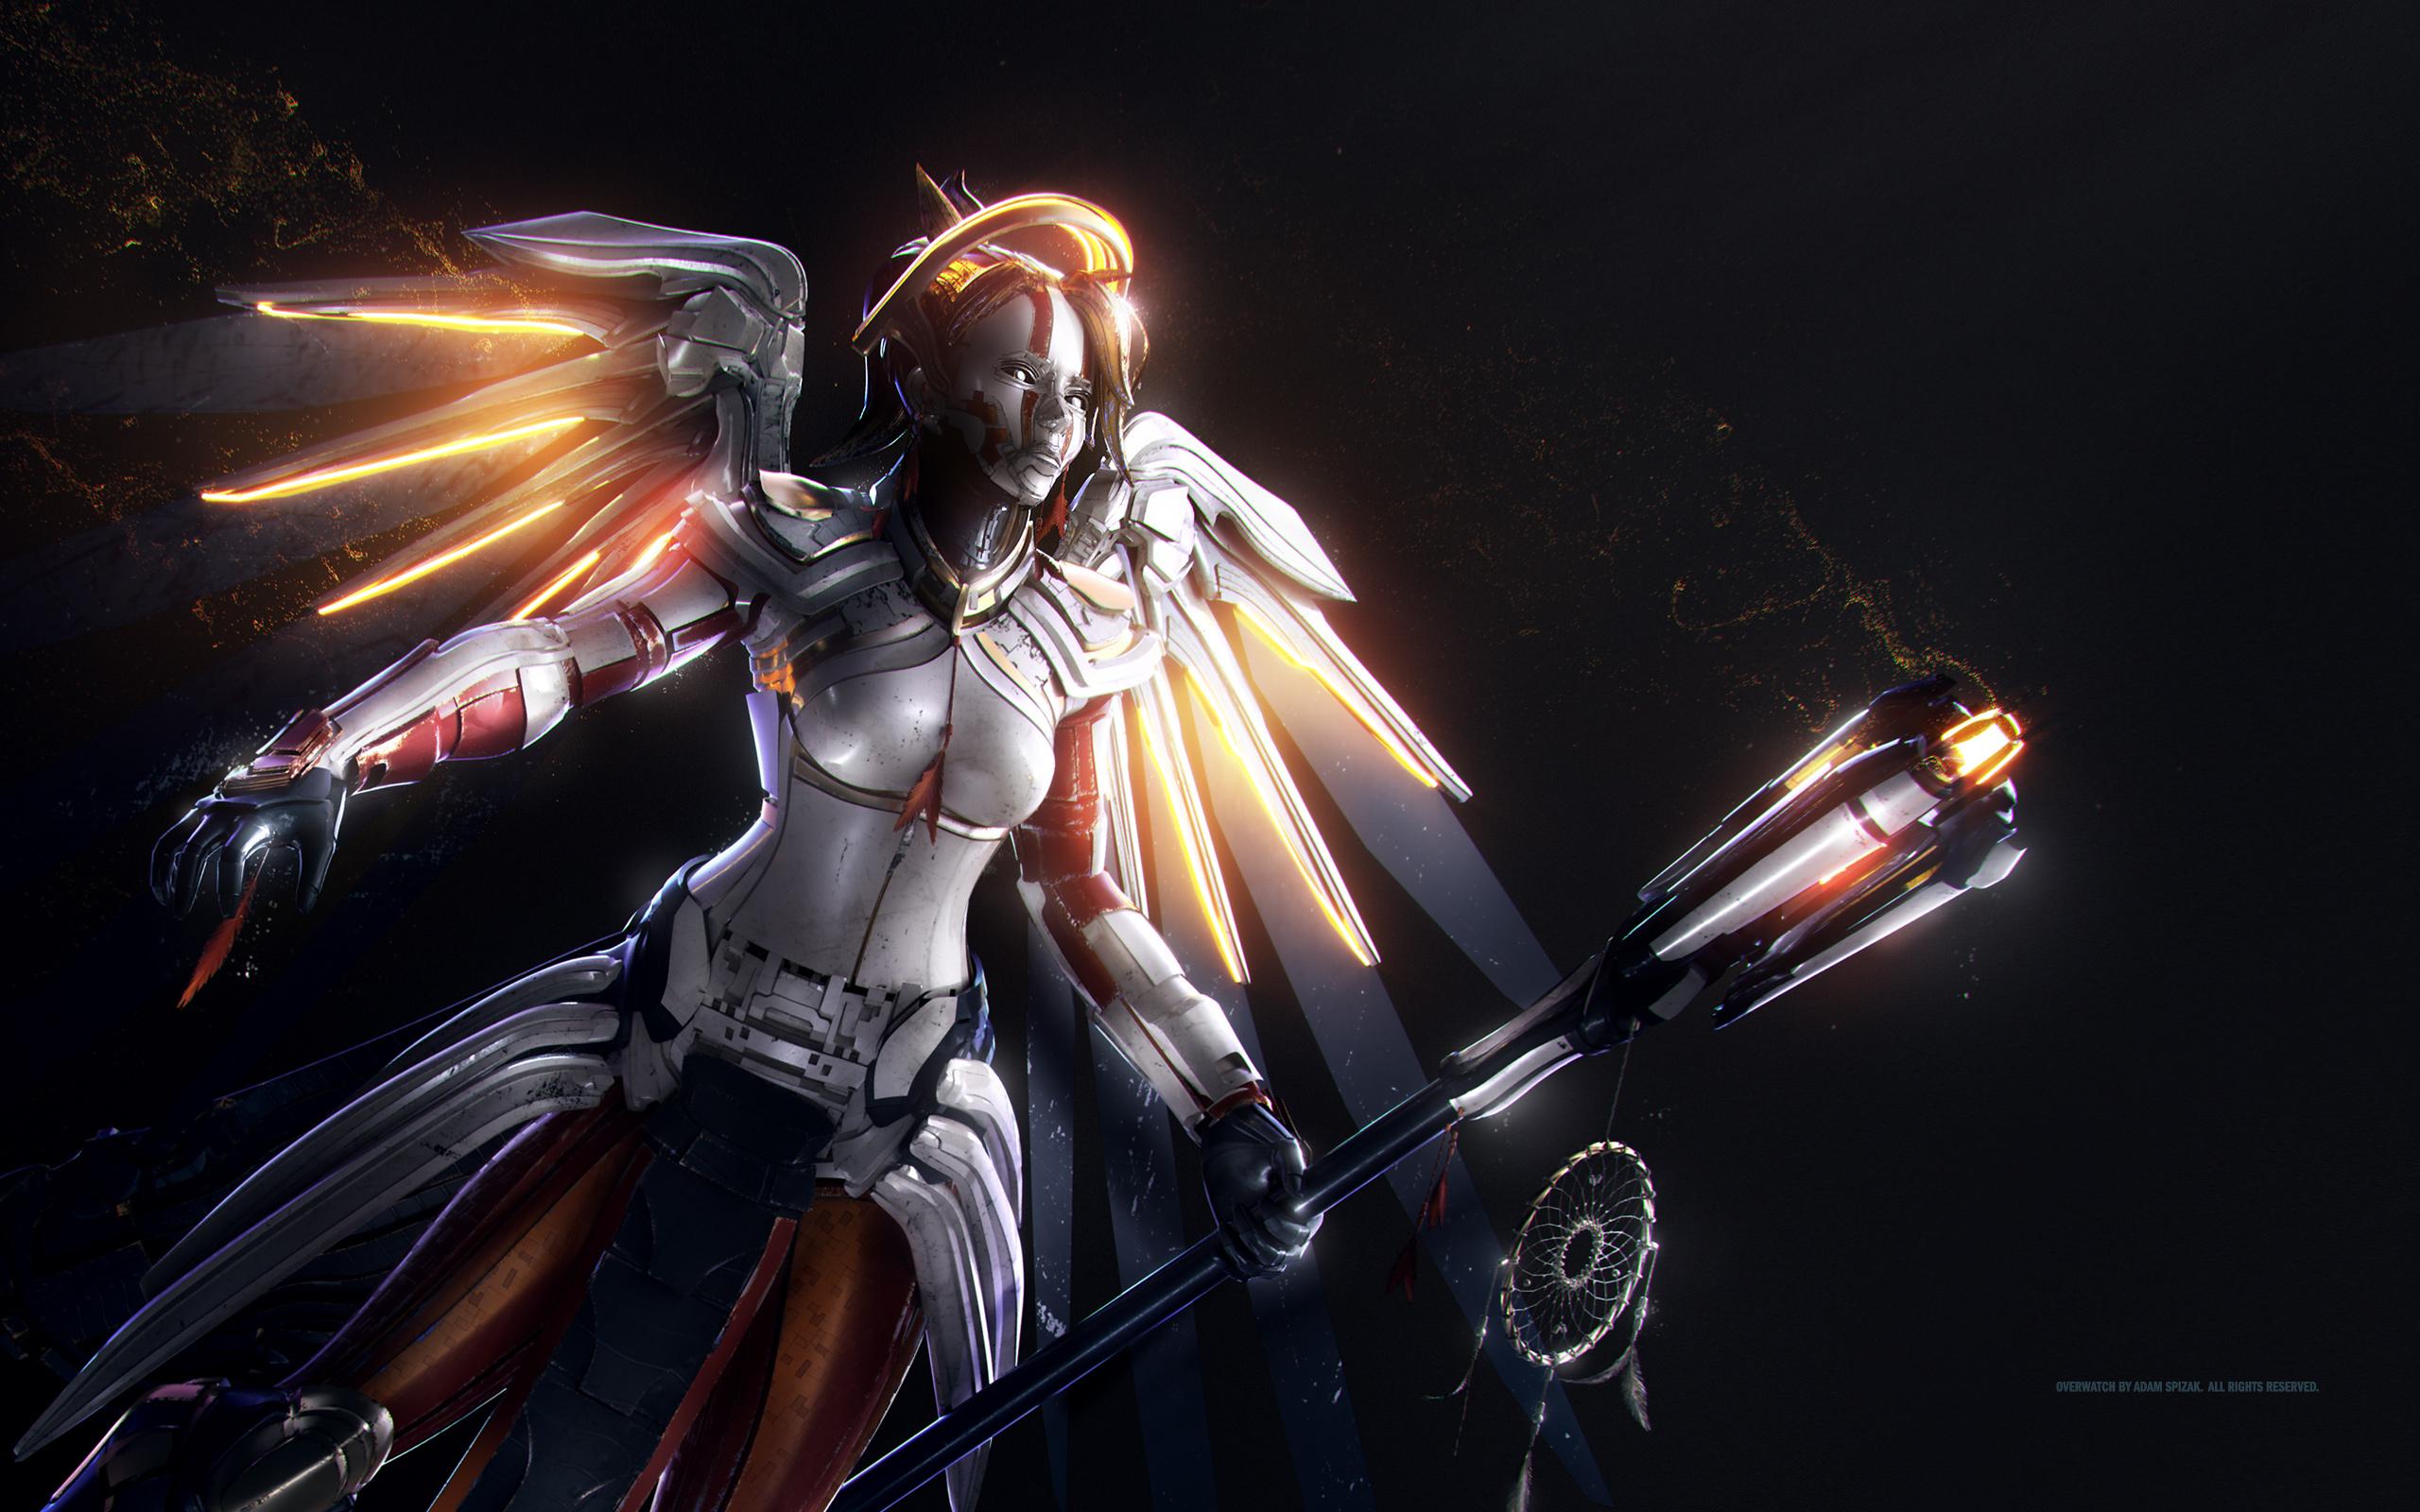 Wallpaper Mercy Overwatch HD Games 7699